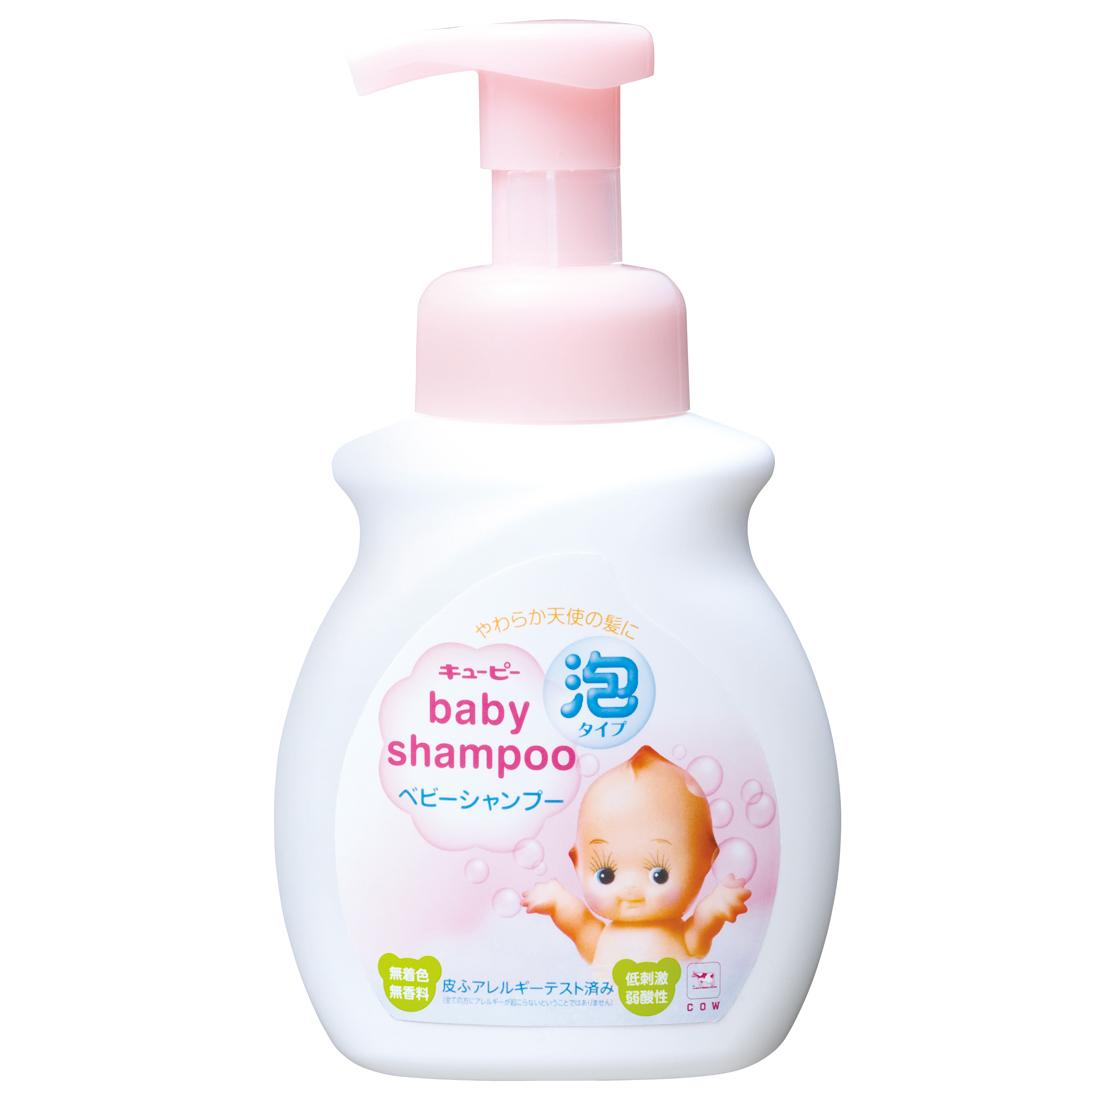 Cow Style Детский шампунь-пенка, с дозатором, от 0 месяцев, 350 млO-53-062Детский шампунь-пенка Cow Style с дозатором мягко очищает волосы и кожу головы ребенка. Рекомендуется для тонких, только начинающих расти волос малыша.Удобный дозатор создает мягкую пенку, освобождая от необходимости вспенивать средство на голове ребенка, что снижает нагрузку на волосы и кожу головы от трения, а также упрощает процесс мытья и экономит время родителей. Умная формула без слез работает так, что пена не затекает в глаза ребенку, но даже при попадании не раздражает слизистую.Упругая мелкозернистая пена мягко удаляет загрязнения, не вымывая естественный защитный жировой слой кожи. Легко смывается.Природный сквалан, смягчающий и защищающий кожу, поддерживает гидробаланс.Также, шампунь содержит кондиционирующие растительные компоненты, предотвращающие спутывание волос.При использовании других сменных блоков продукт может не пениться.Низкая кислотность, отсутствие красителей, а также многочисленные тесты на предмет кожных аллергенов позволили свести к минимуму риск возникновения раздражений на коже малыша.Продукция прошла дерматологические тесты на предмет кожных аллергенов.Товар сертифицирован.История широко известной на японском рынке марки COW начинается в 1909 году, когда частный предприниматель Миядзаки Нарадзиро основывает в мыльной столице Японии того периода - городе Осака - свой маленький семейный бизнес по производству мыла. Сегодня компания COW имеет не только собственный современный завод, считающийся самым крупным мыльным заводом в Японии, но и собственный Научно-исследовательский центр, несколько филиалов по Японии и Представительств в Азии. В портфеле производителя средства для ухода за телом и лицом для детей и взрослых. Все товары марки COW производятся под строгим контролем специалистов компании, не изменяя своим принципам – качественная и безопасная продукция, традиционное производство, высококвалифицированные специалисты.